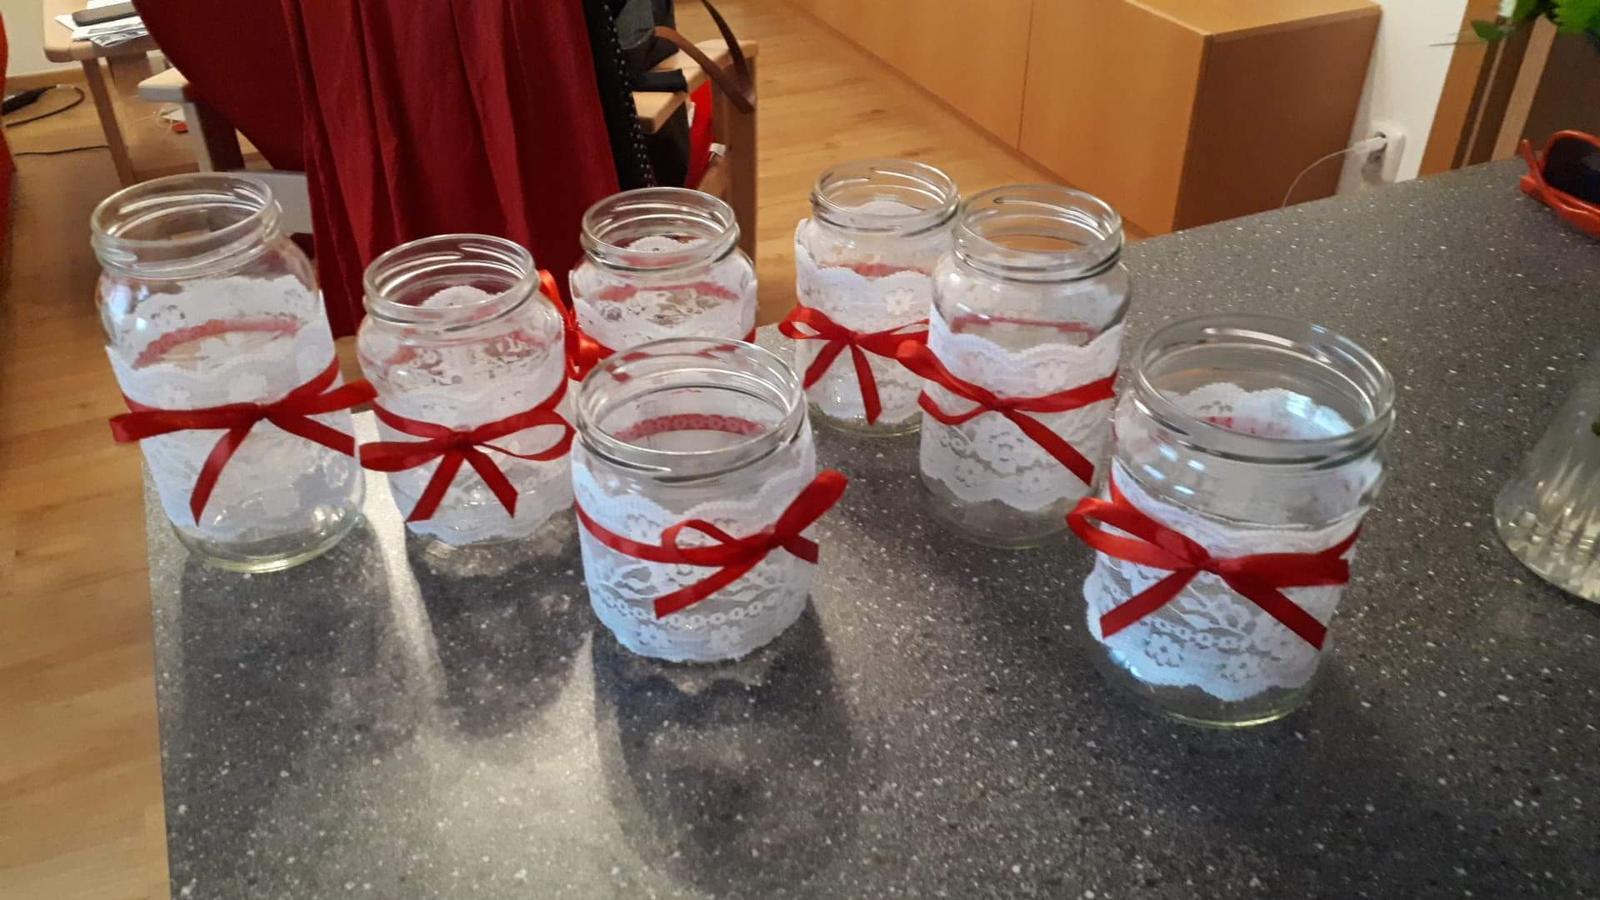 6 váziček ze sklenic - Obrázek č. 1